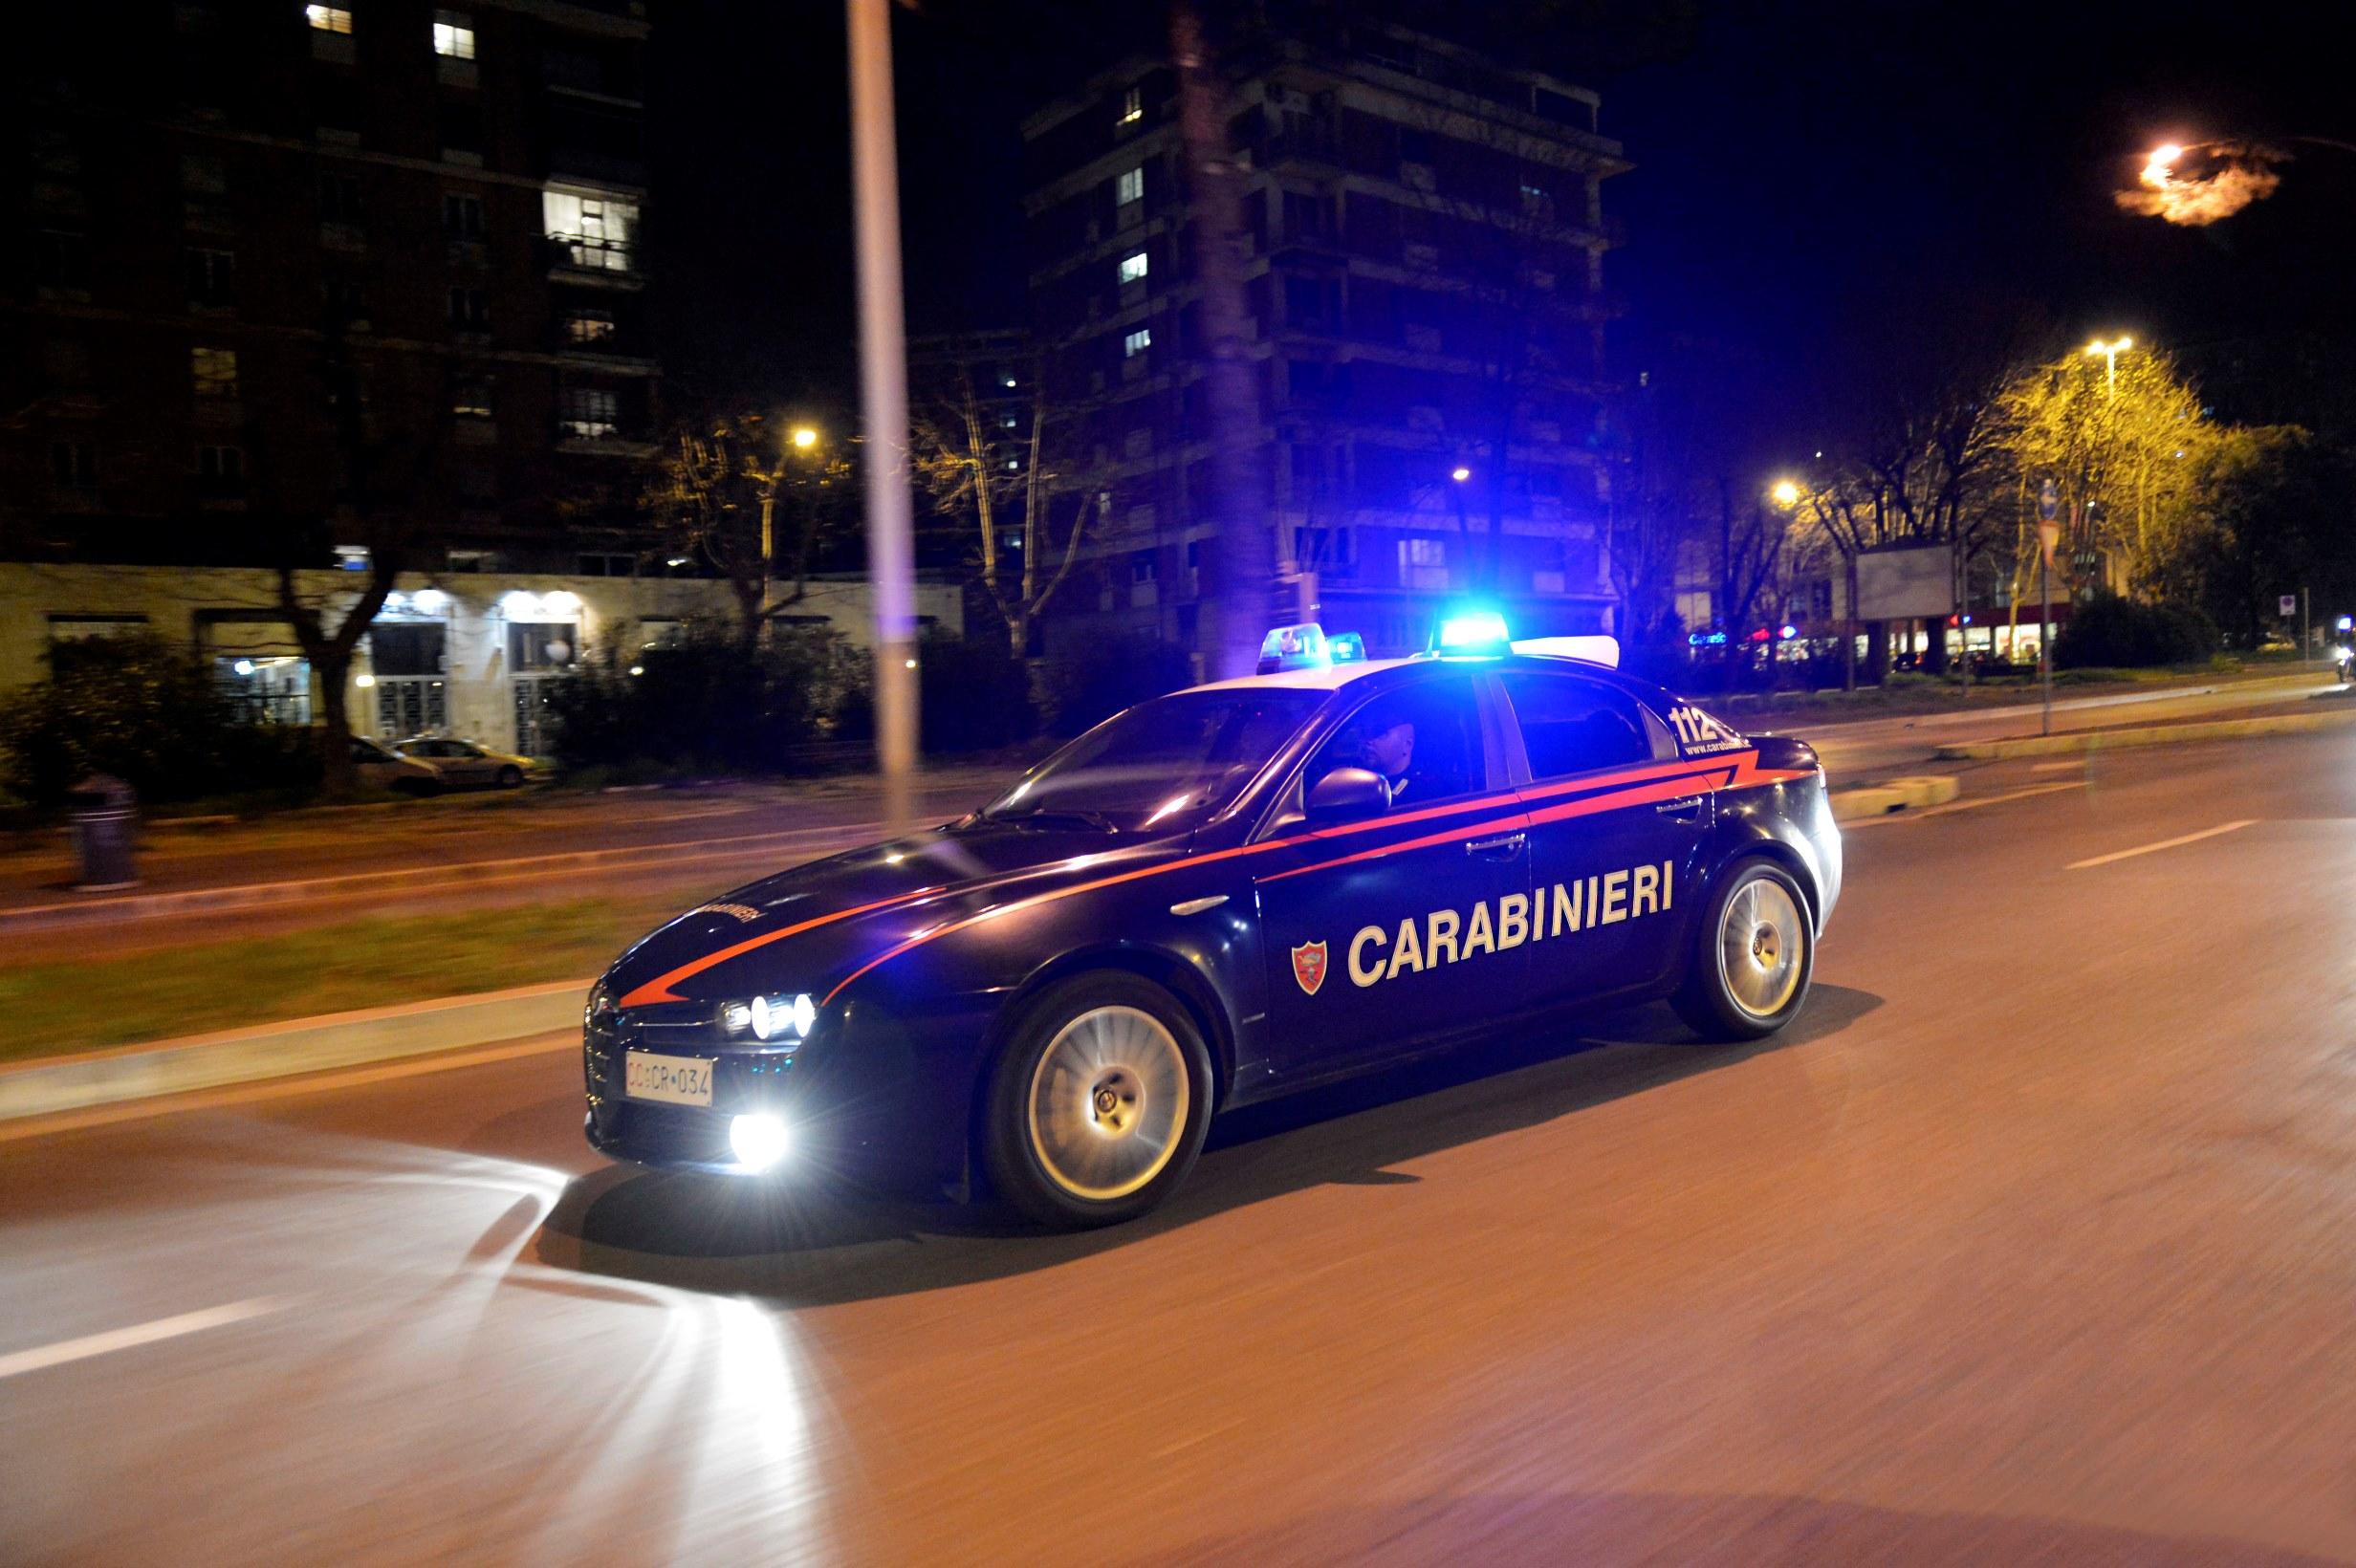 Colleferro, attività antidroga nei pressi dei locali notturni: 4 arresti